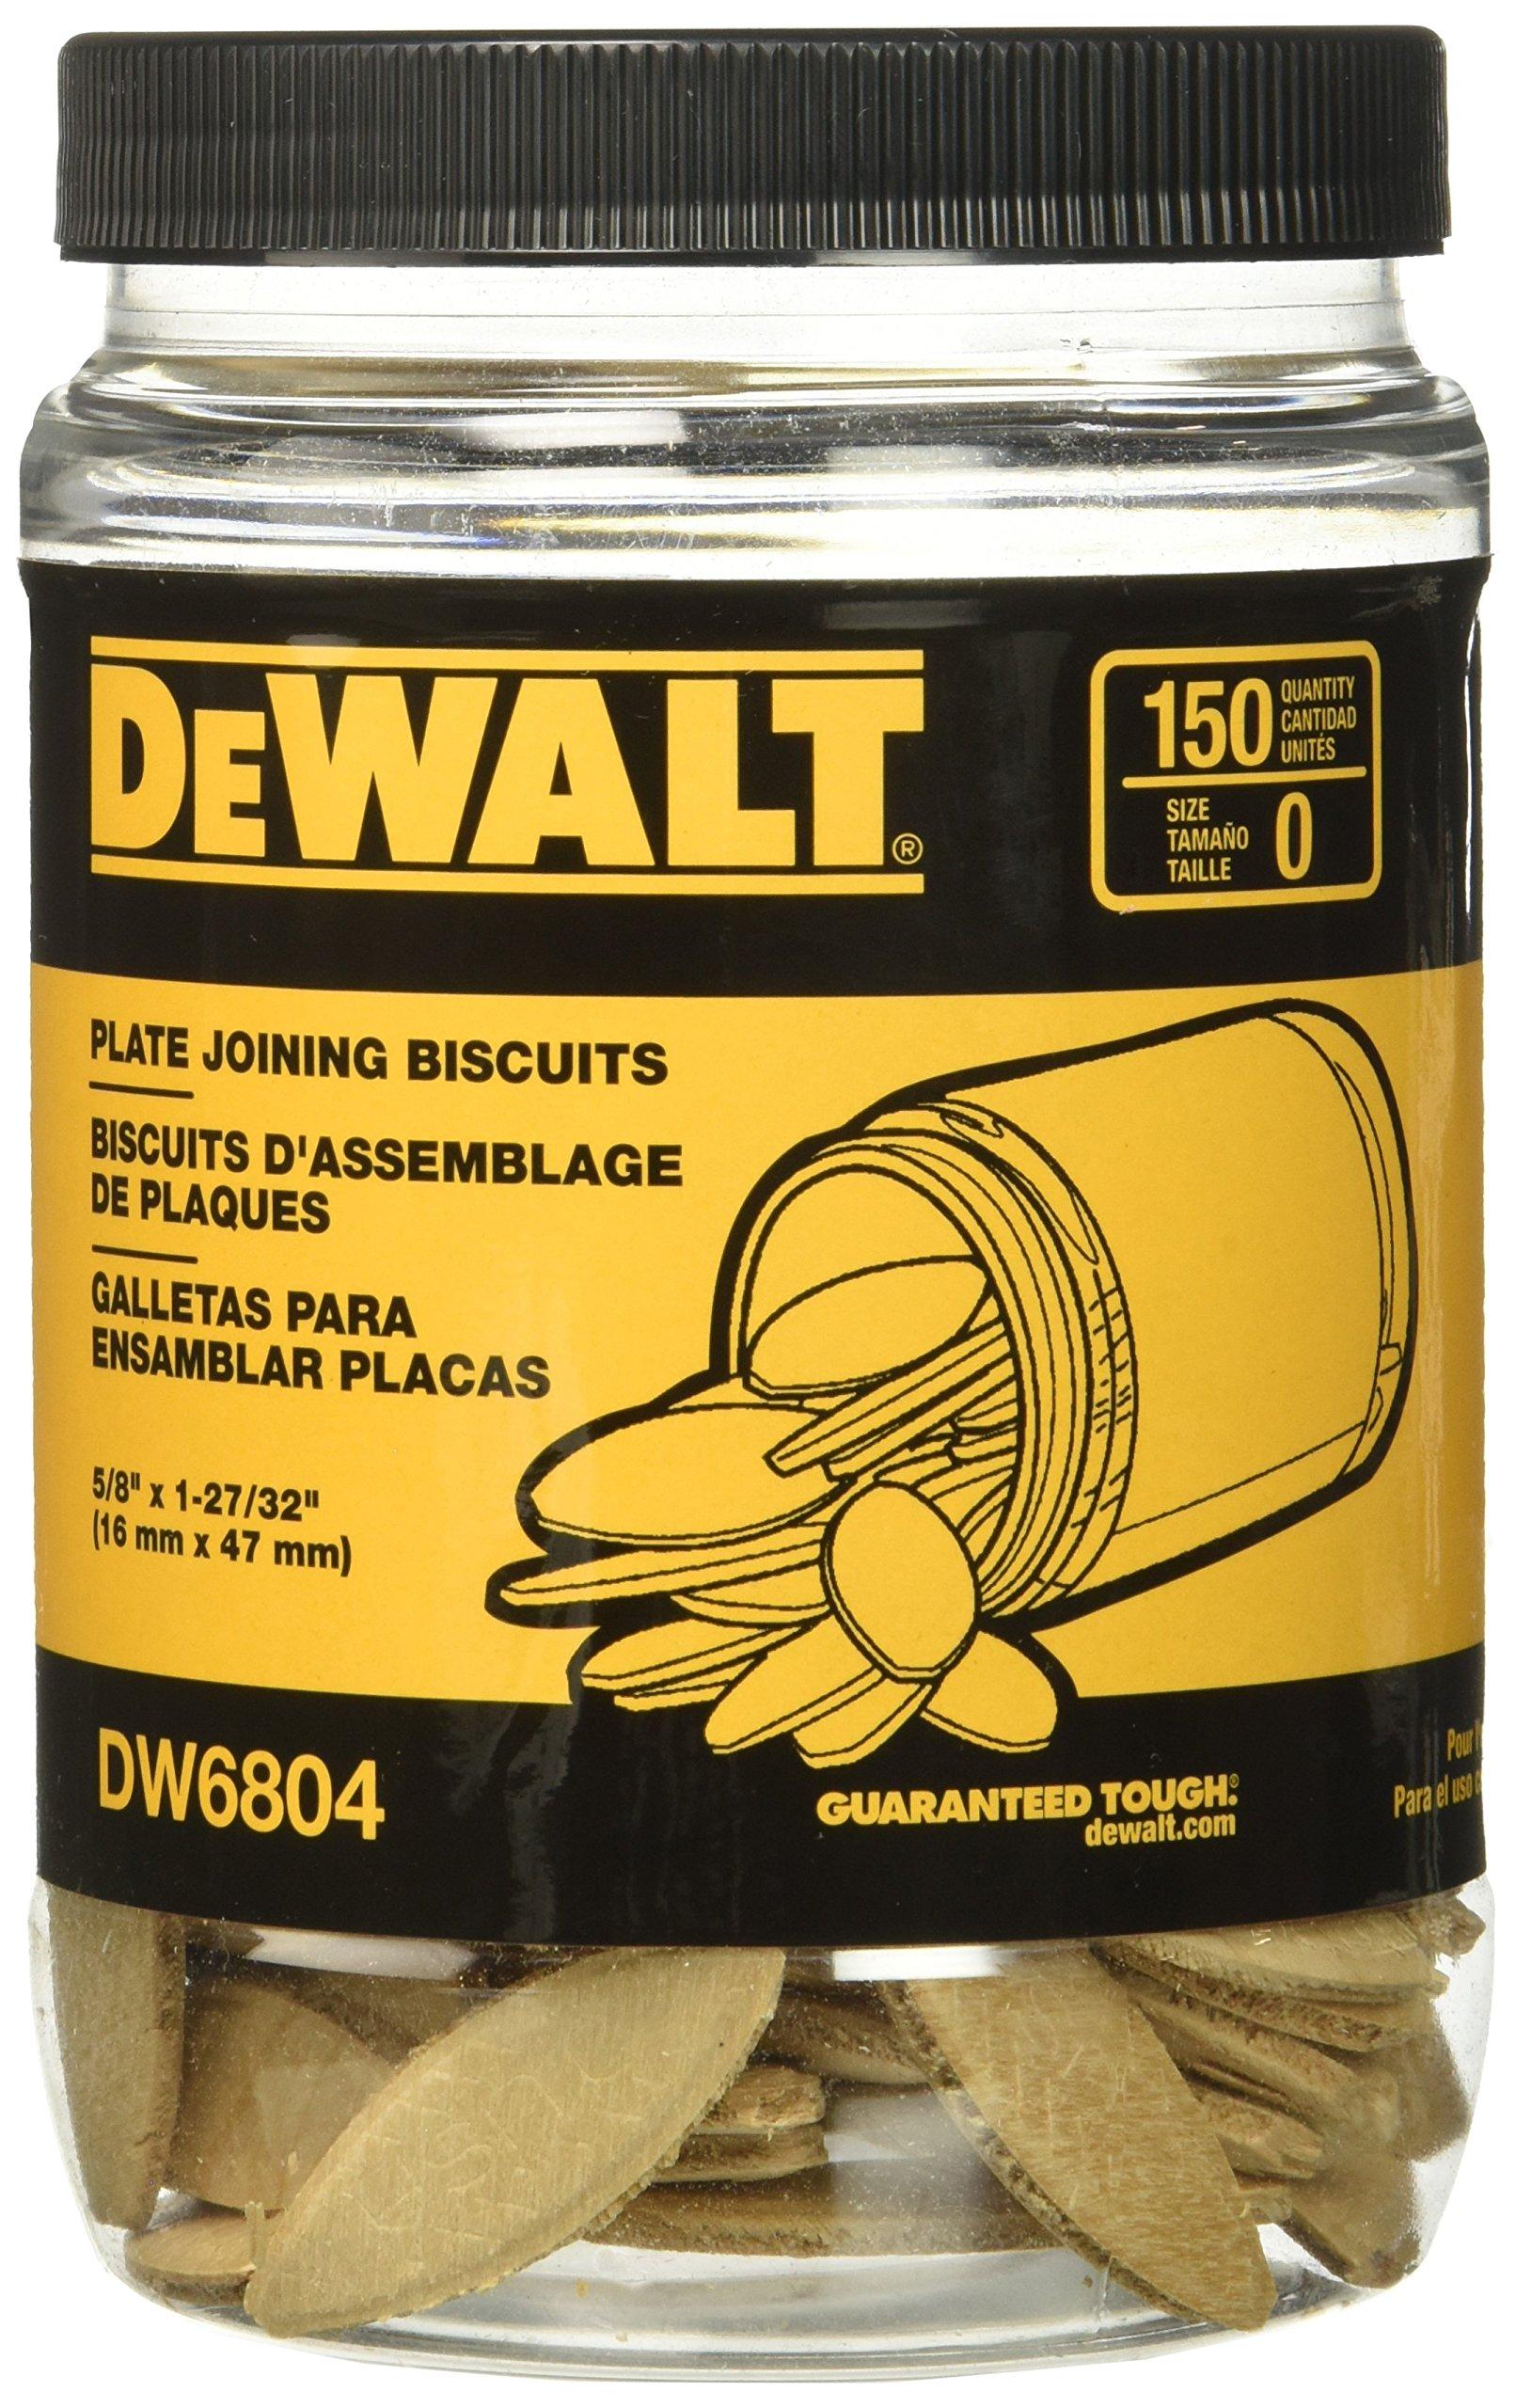 DeWalt DW6804 Size 0 Joiner Biscuits by DEWALT